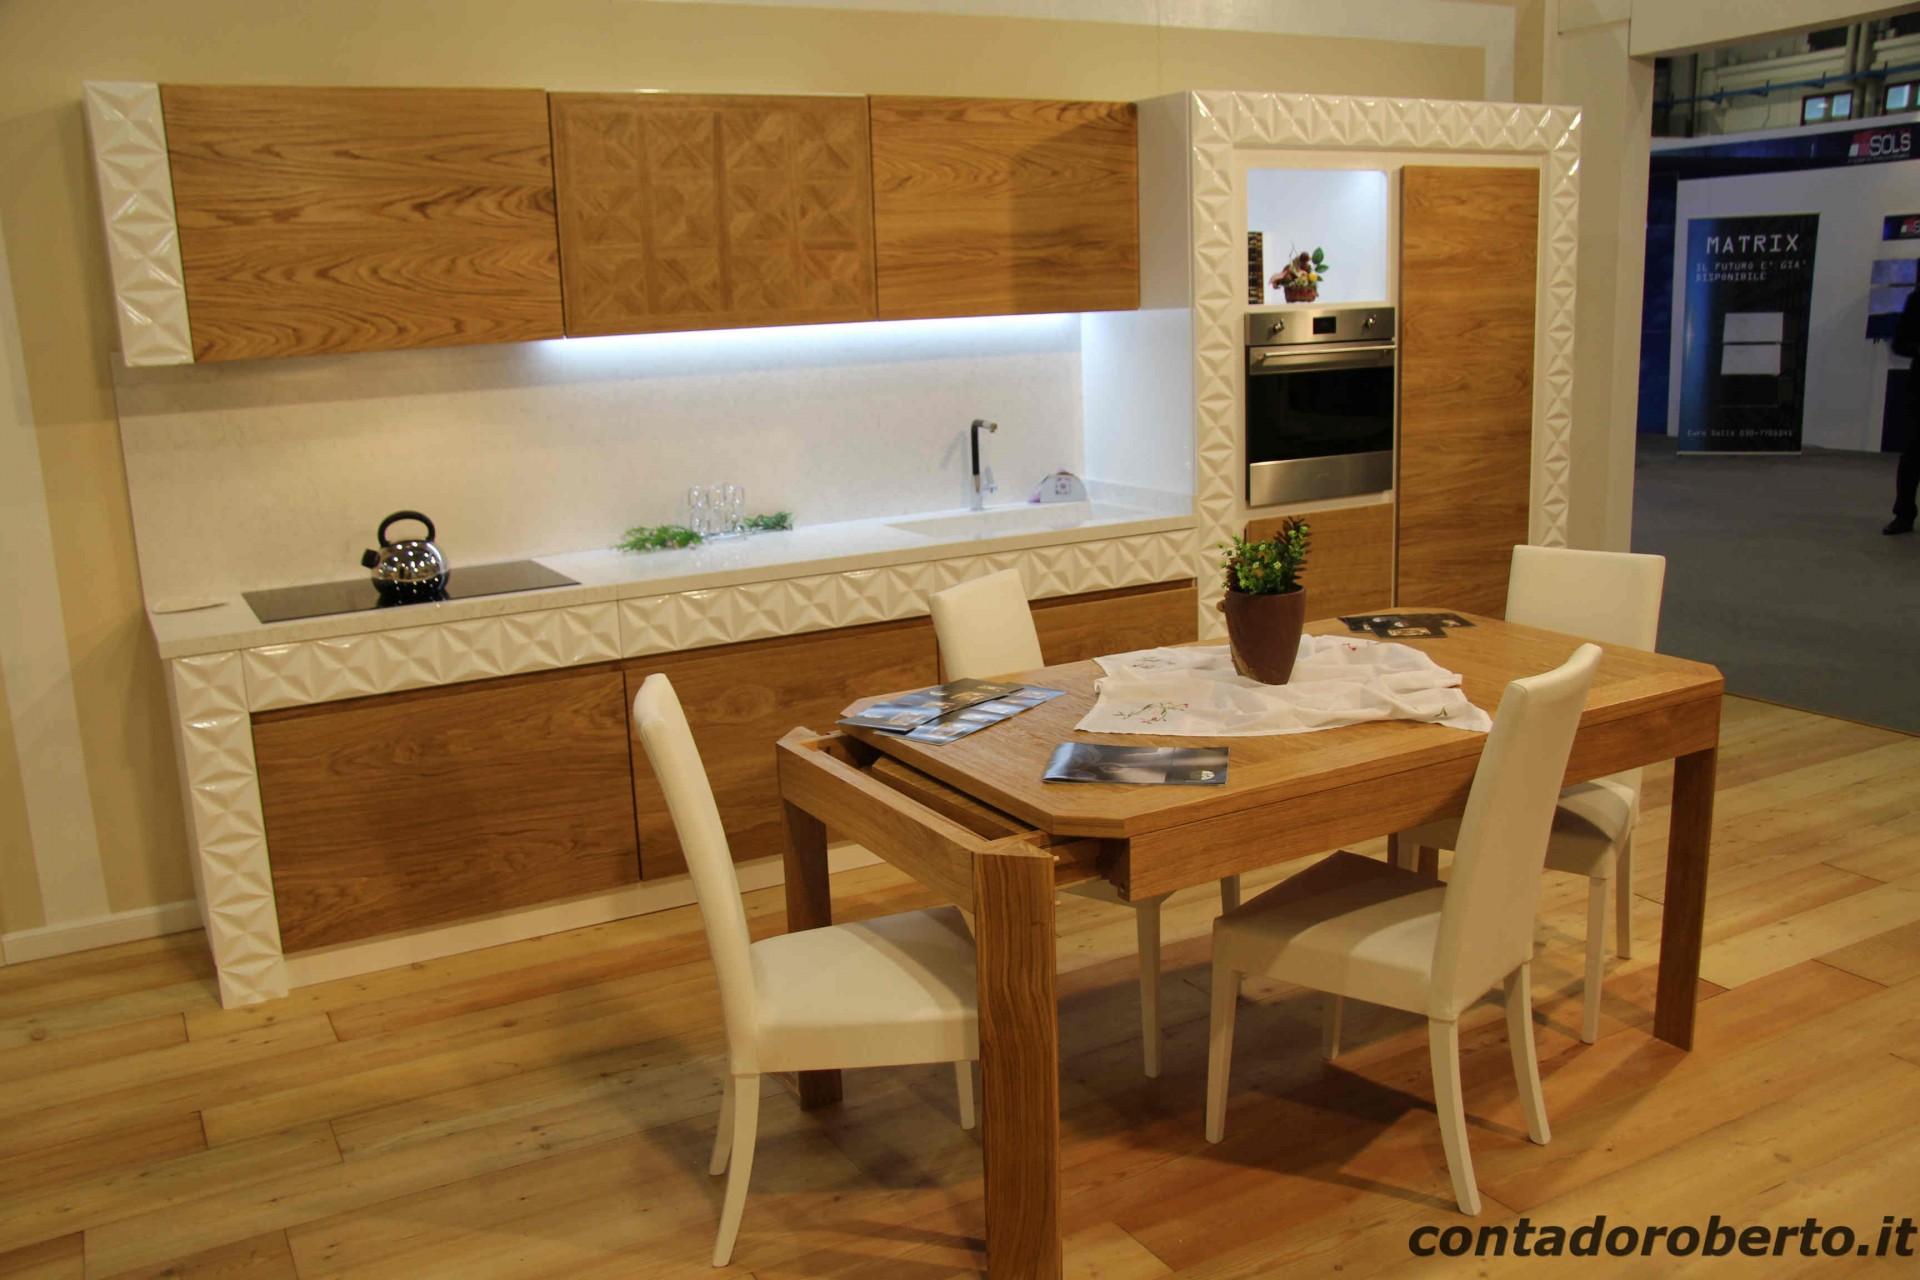 Cucina moderna verona in legno di rovere naturale laccato lucido contado roberto group - Cucine moderne in legno naturale ...